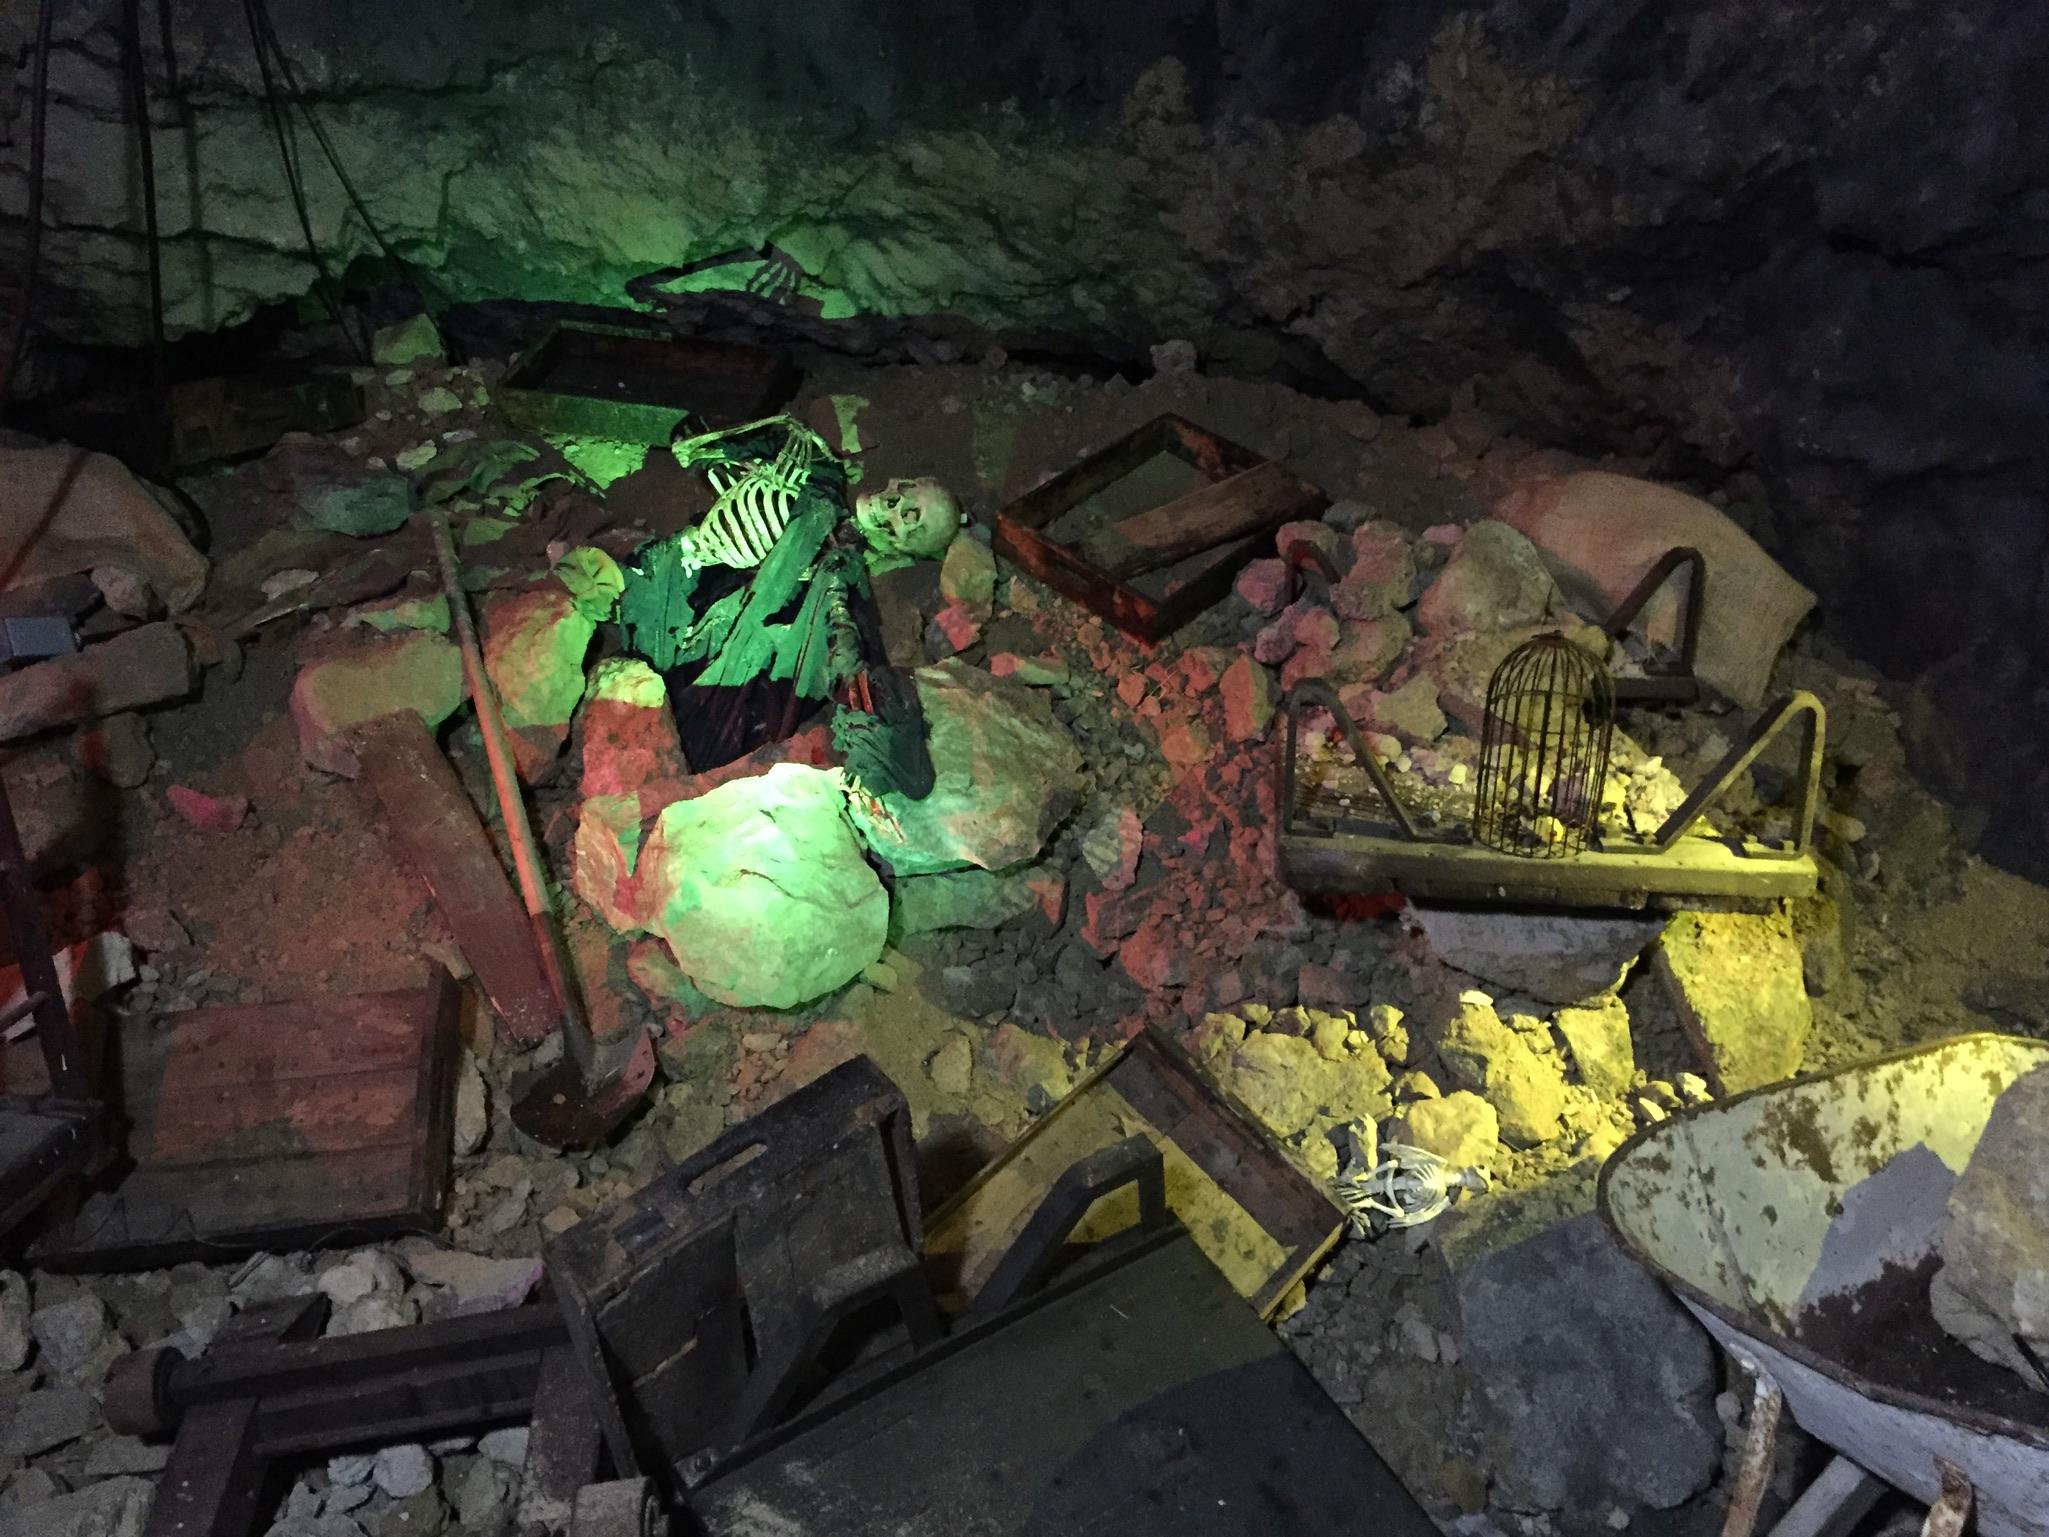 World S First Underground Drop Ride Opens At Glenwood